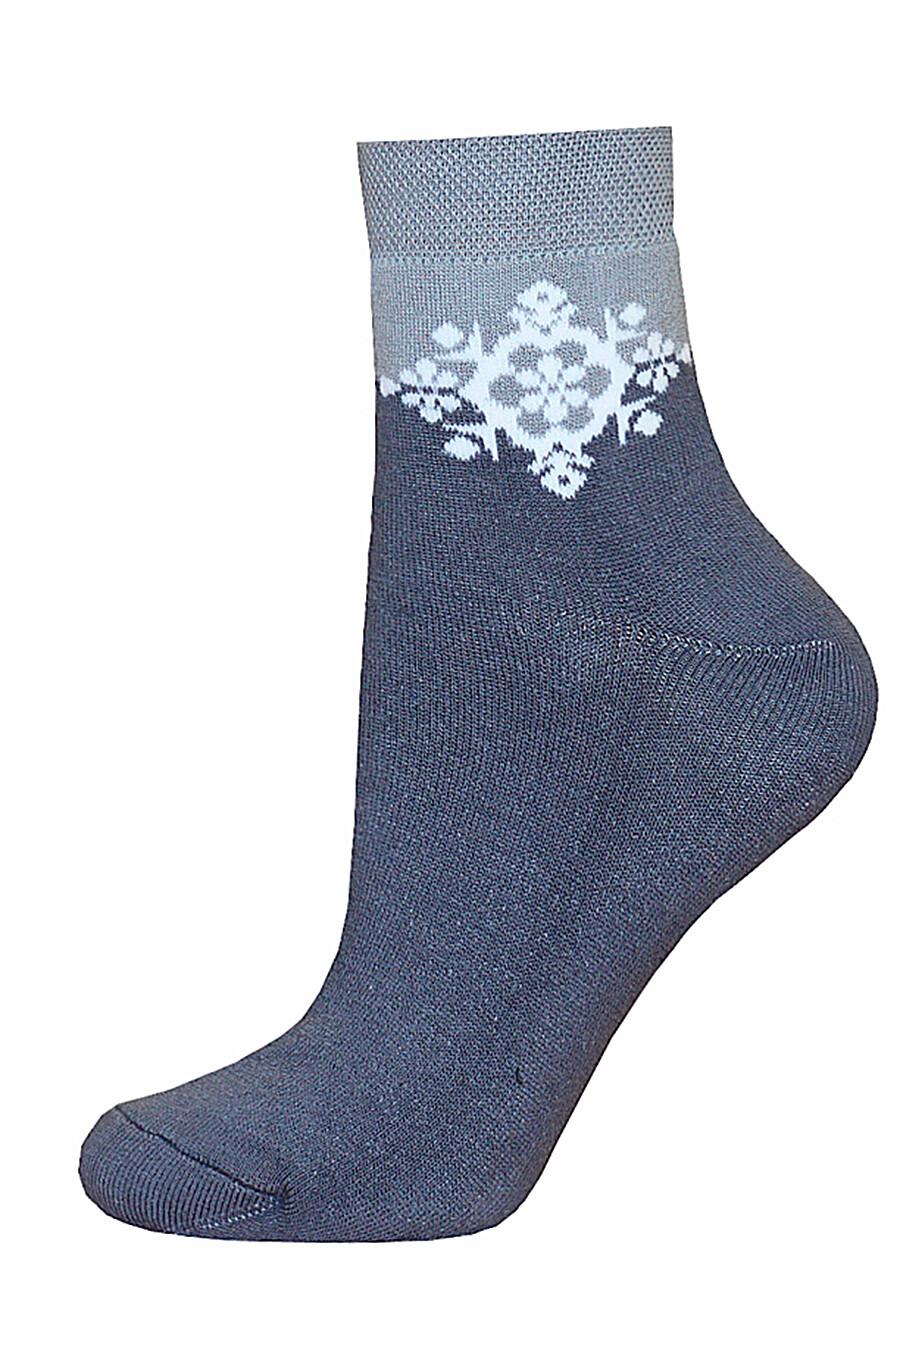 Носки для женщин БРЕСТСКИЕ 226923 купить оптом от производителя. Совместная покупка женской одежды в OptMoyo